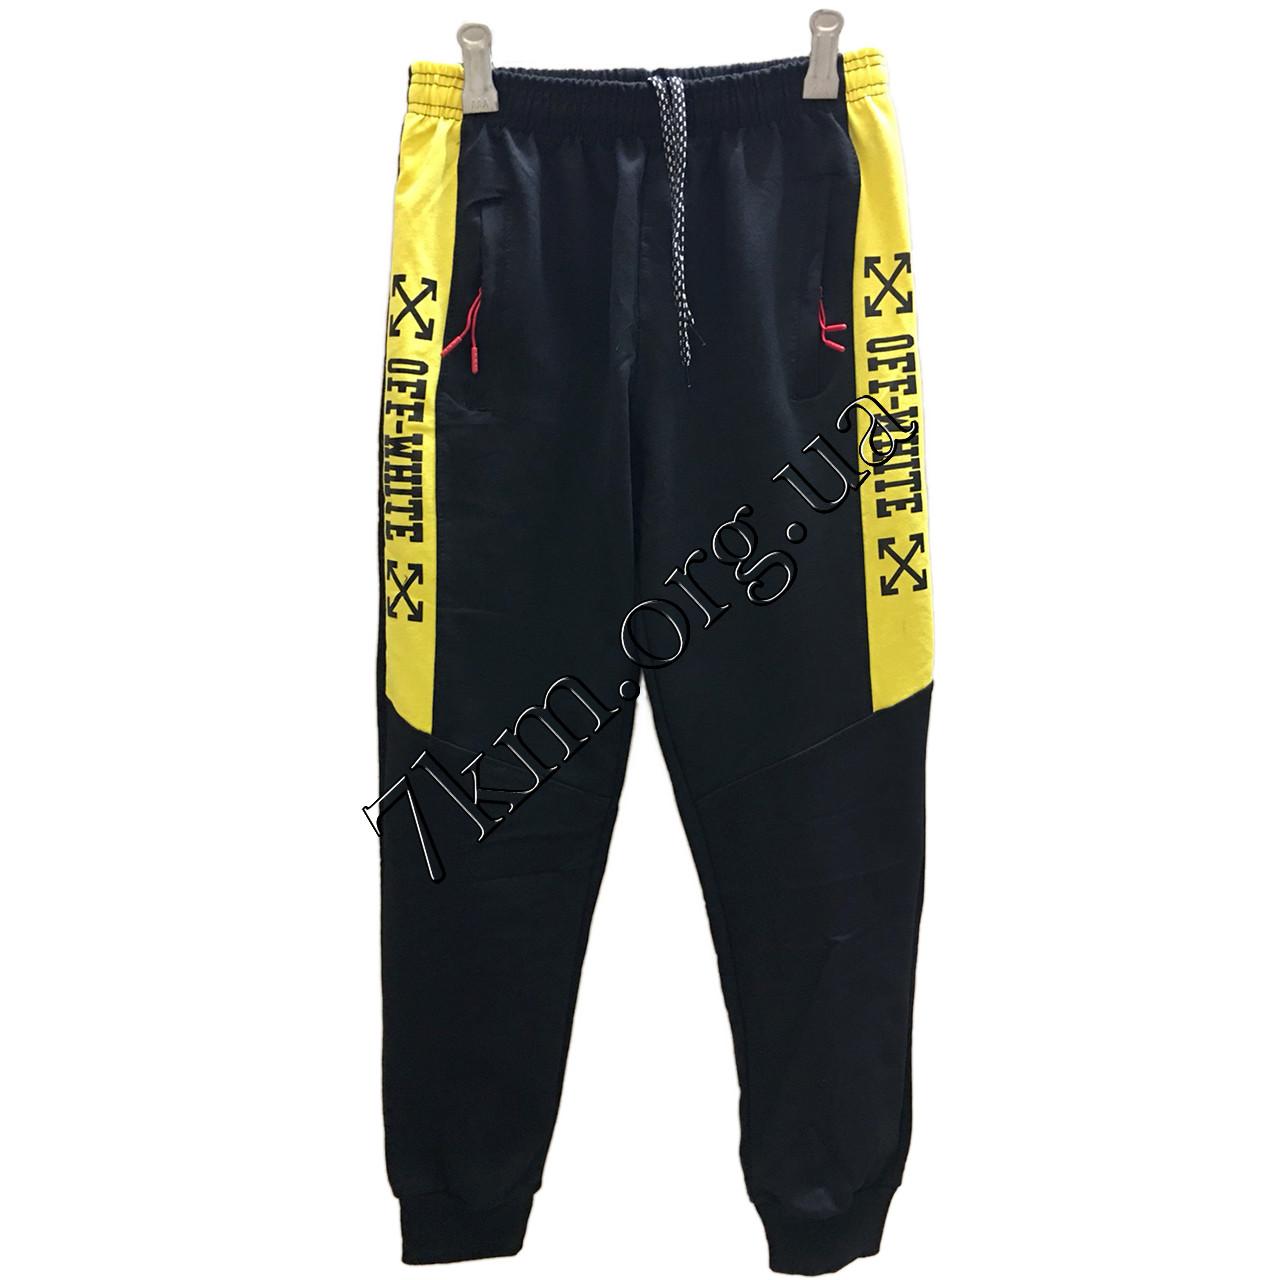 """Спортивные штаны для мальчиков """"Реплика Off-White"""" 12-18 лет Оптом 200705-3"""